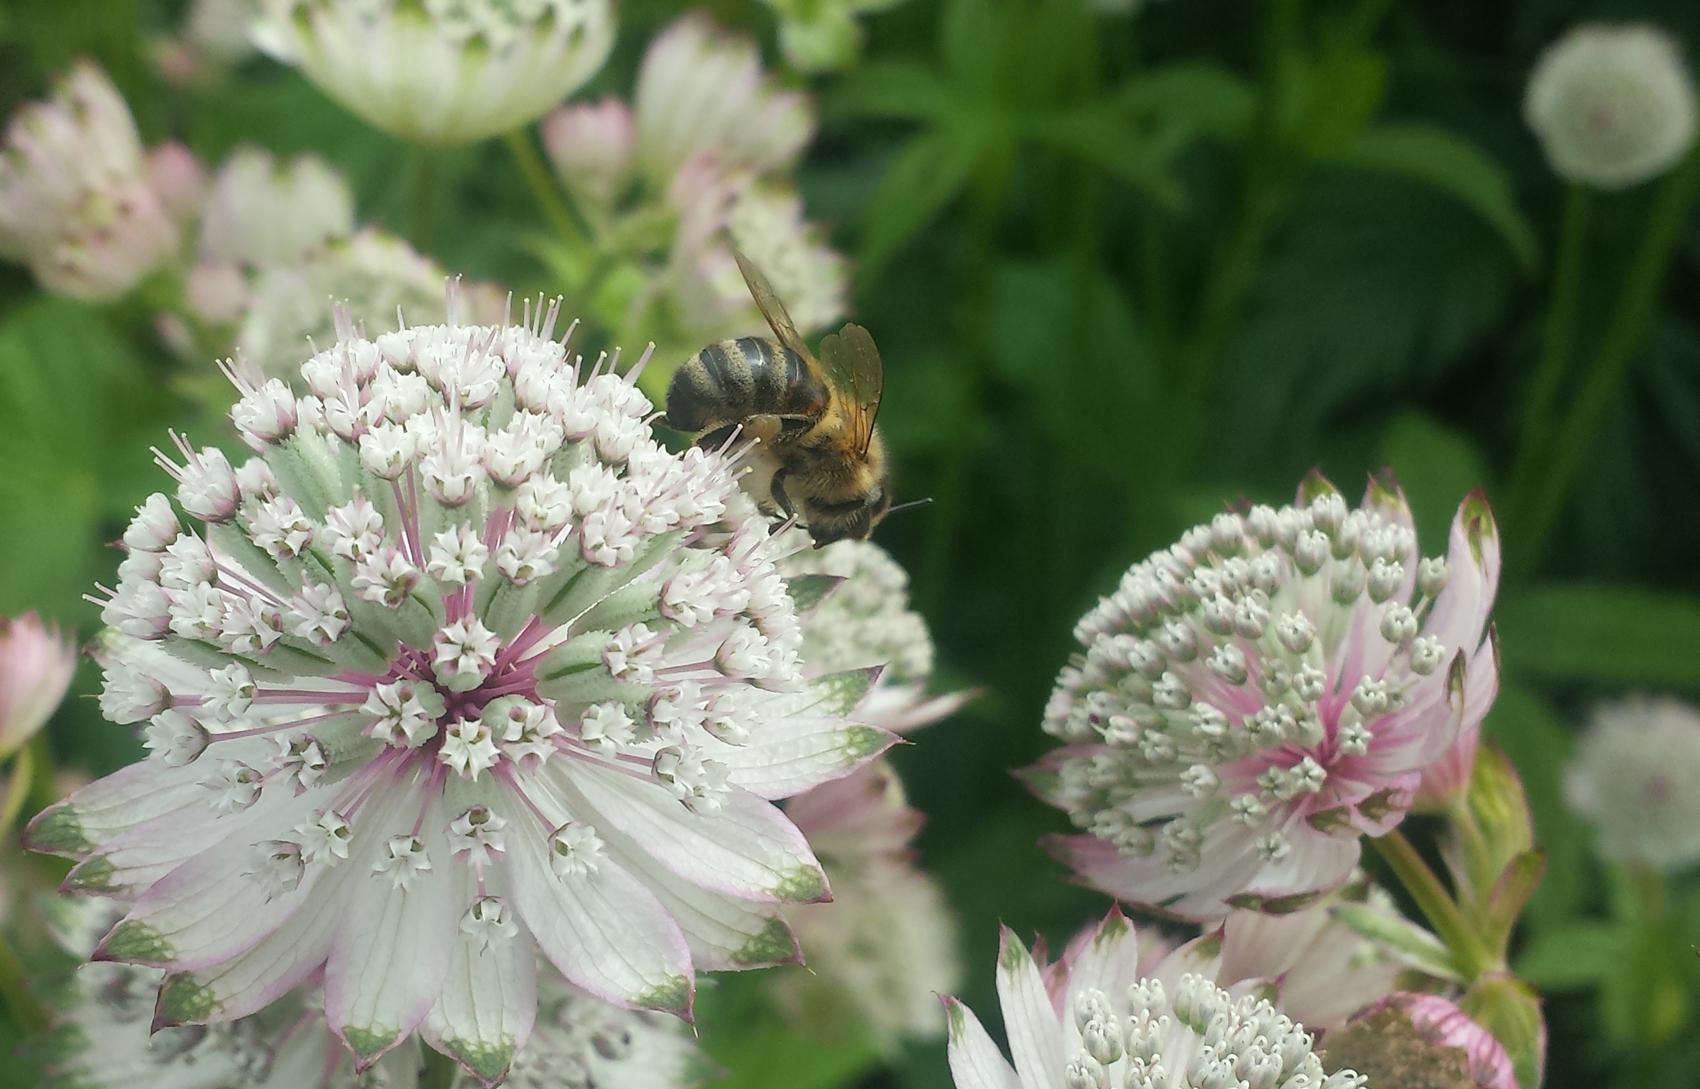 Konklusjonen er klar: Insekter og Ringve botaniske hage er et herlig forskerspiretema. Foto: Falla Maria Boudakaat